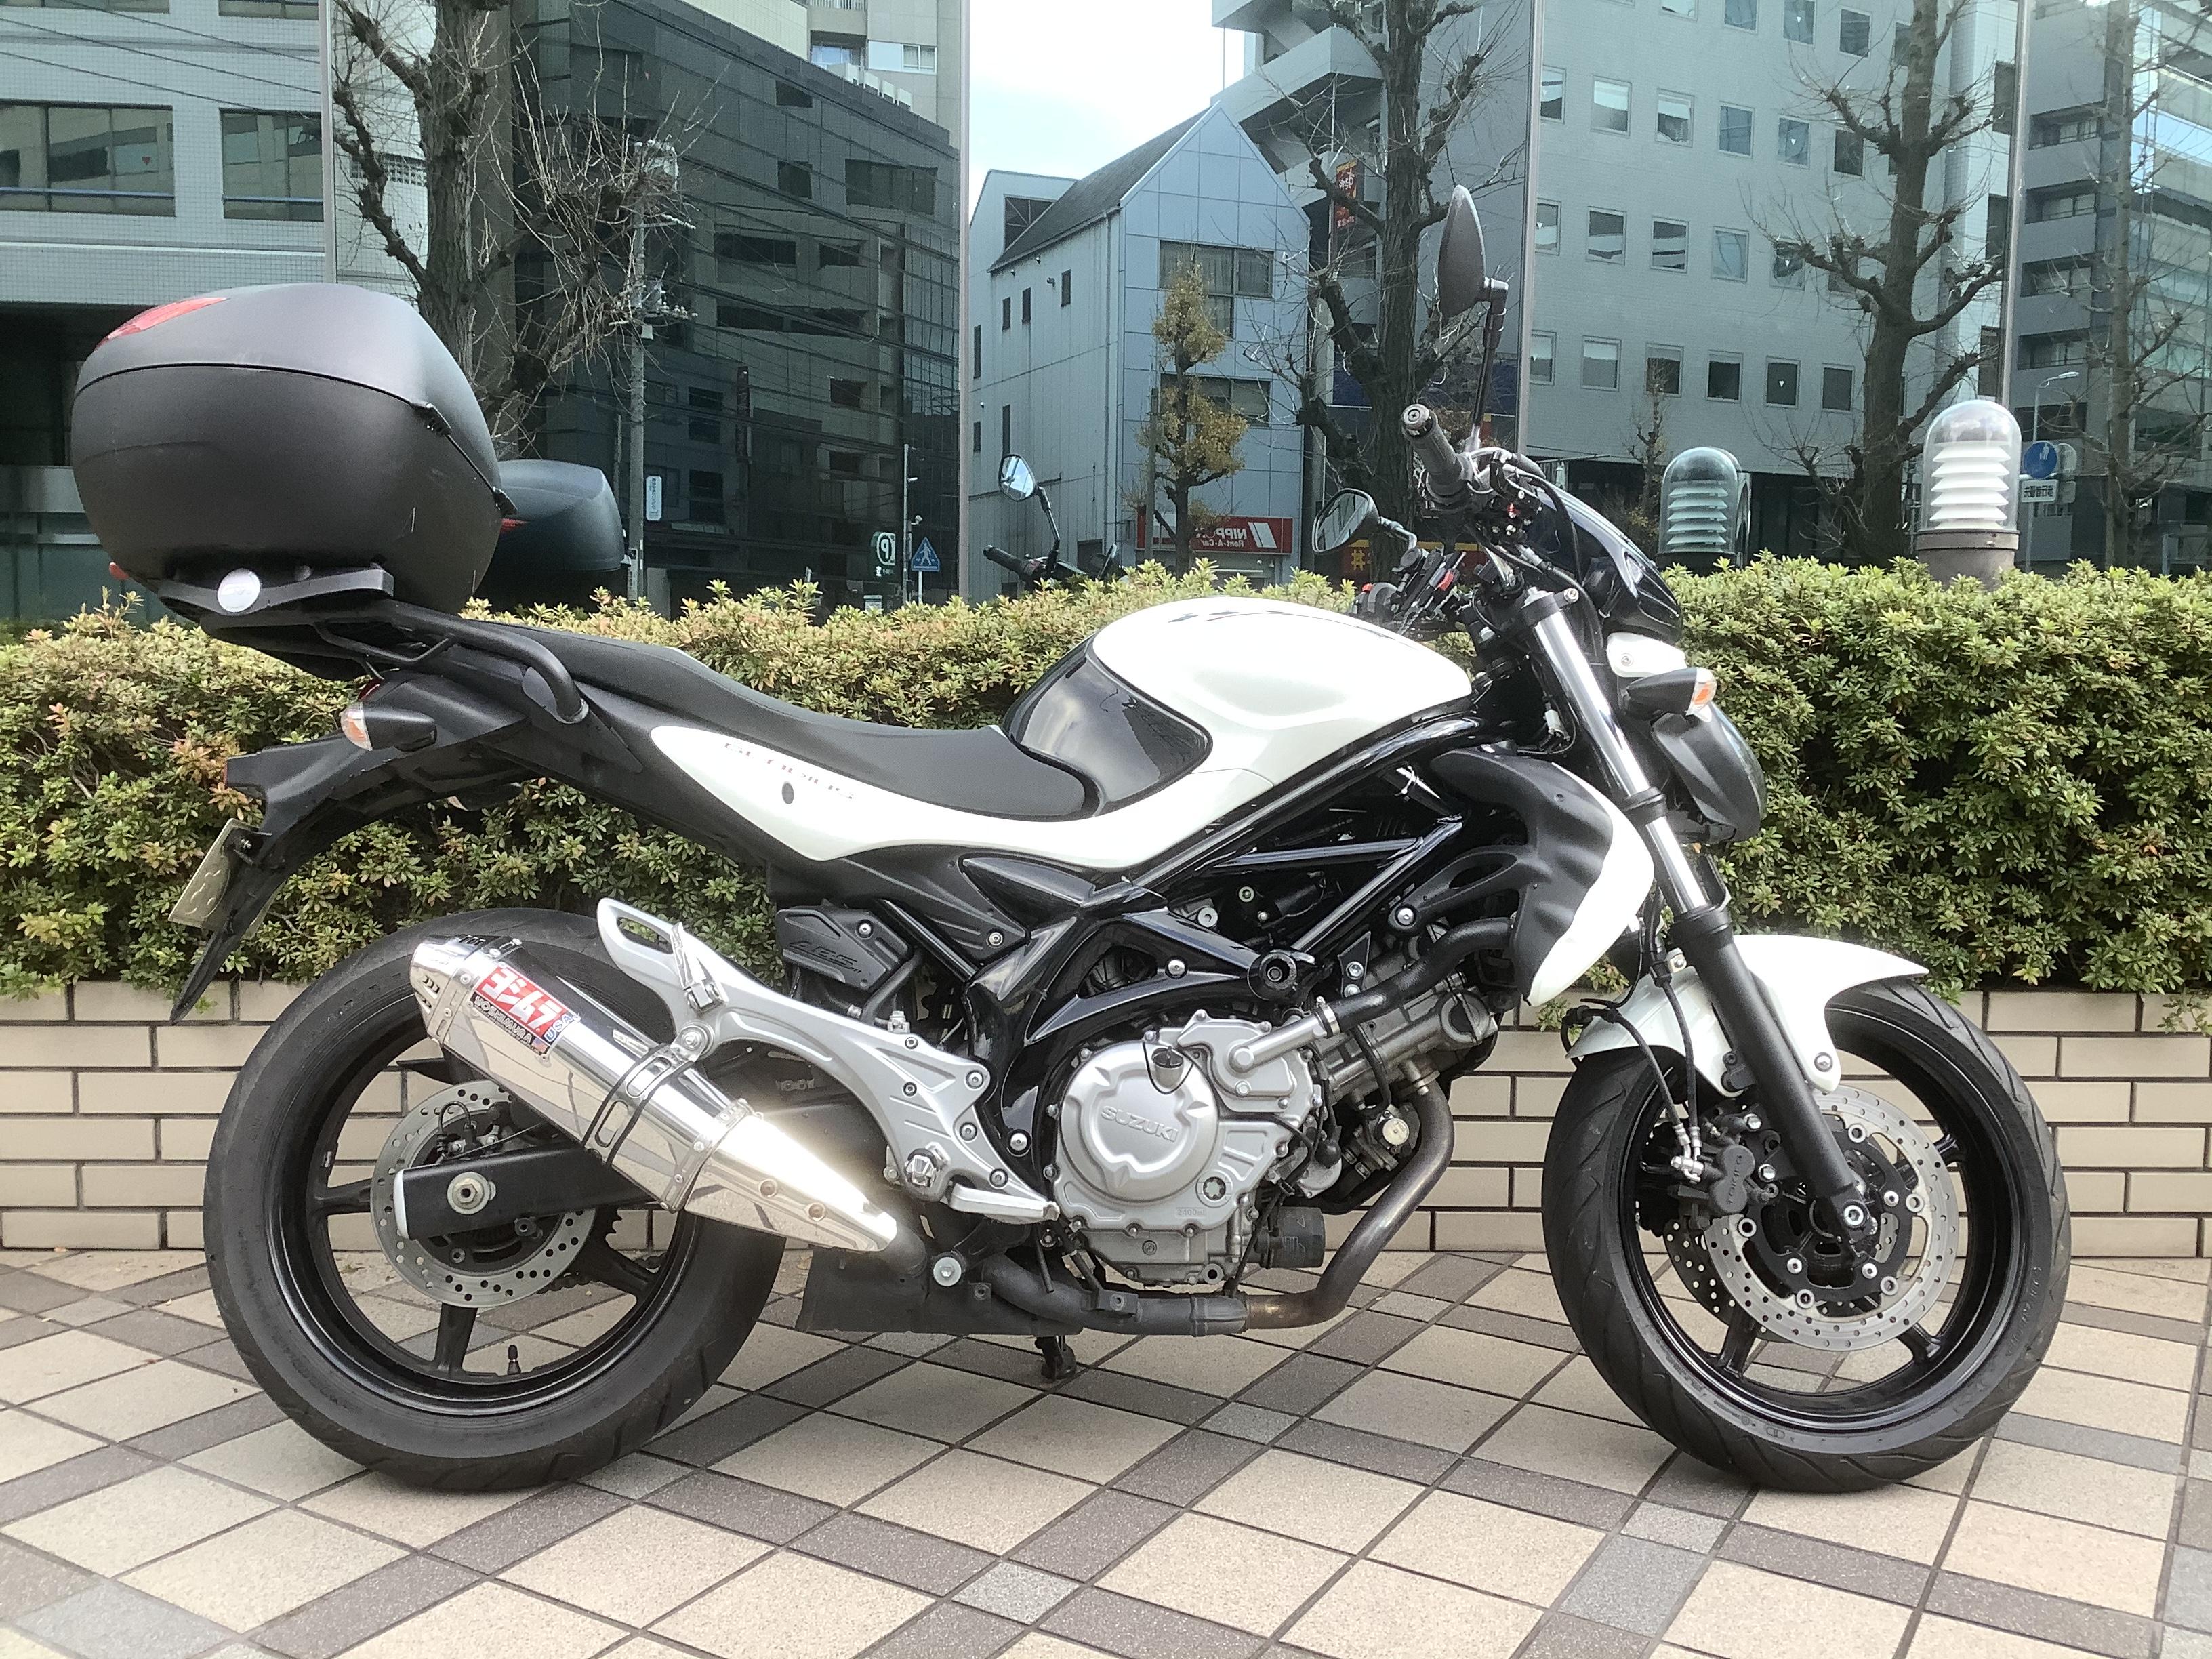 グラディウス400ABS(HN-00) - 【公式】レンタルバイクのベストBike® 阿佐ヶ谷駅前